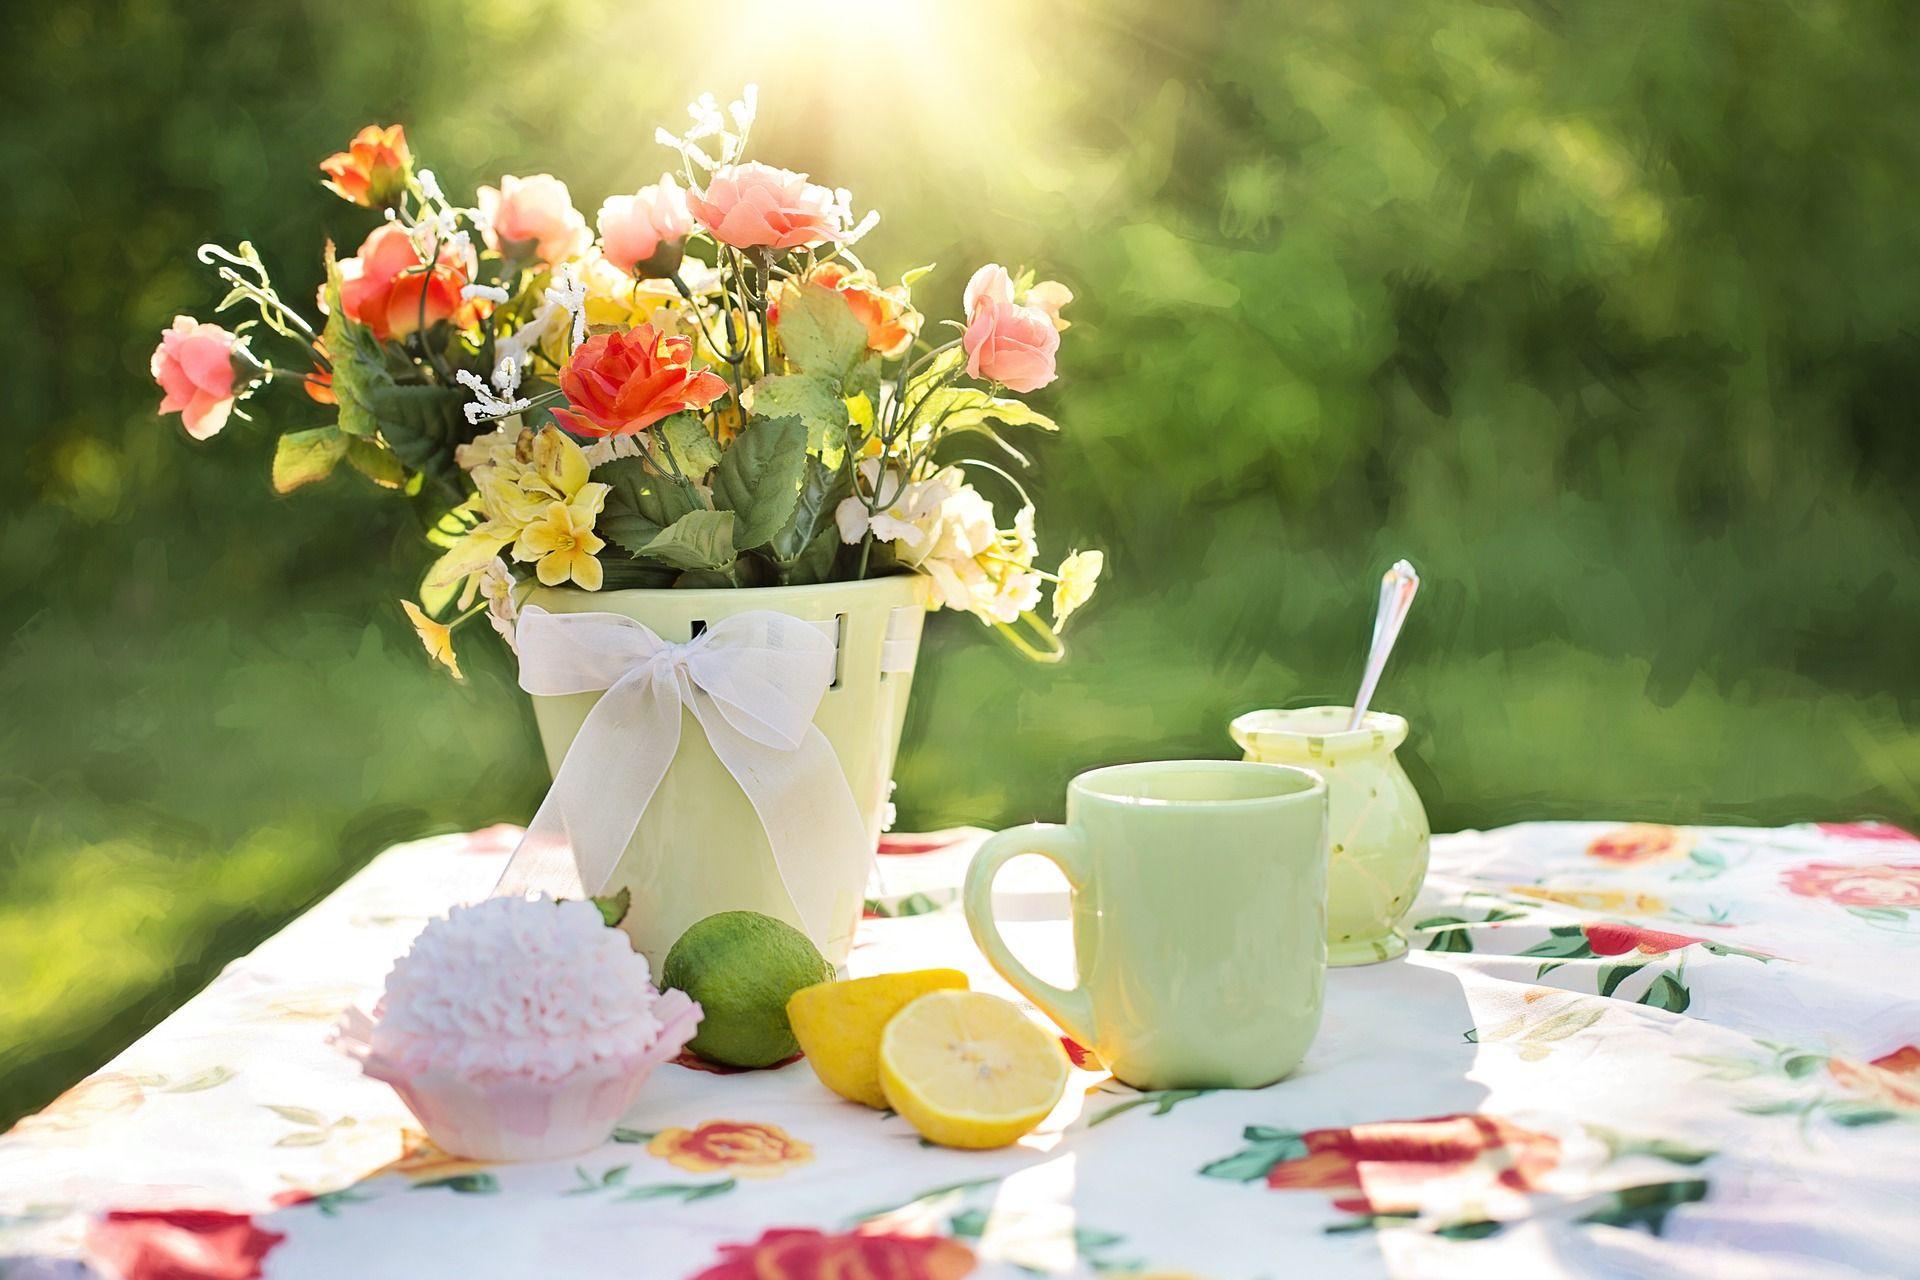 Os vegetais mais frescos são sempre os que você mesmo planta. Mas o que fazer se o seu espaço é limitado? A resposta são os vegetais plantados em vaso!